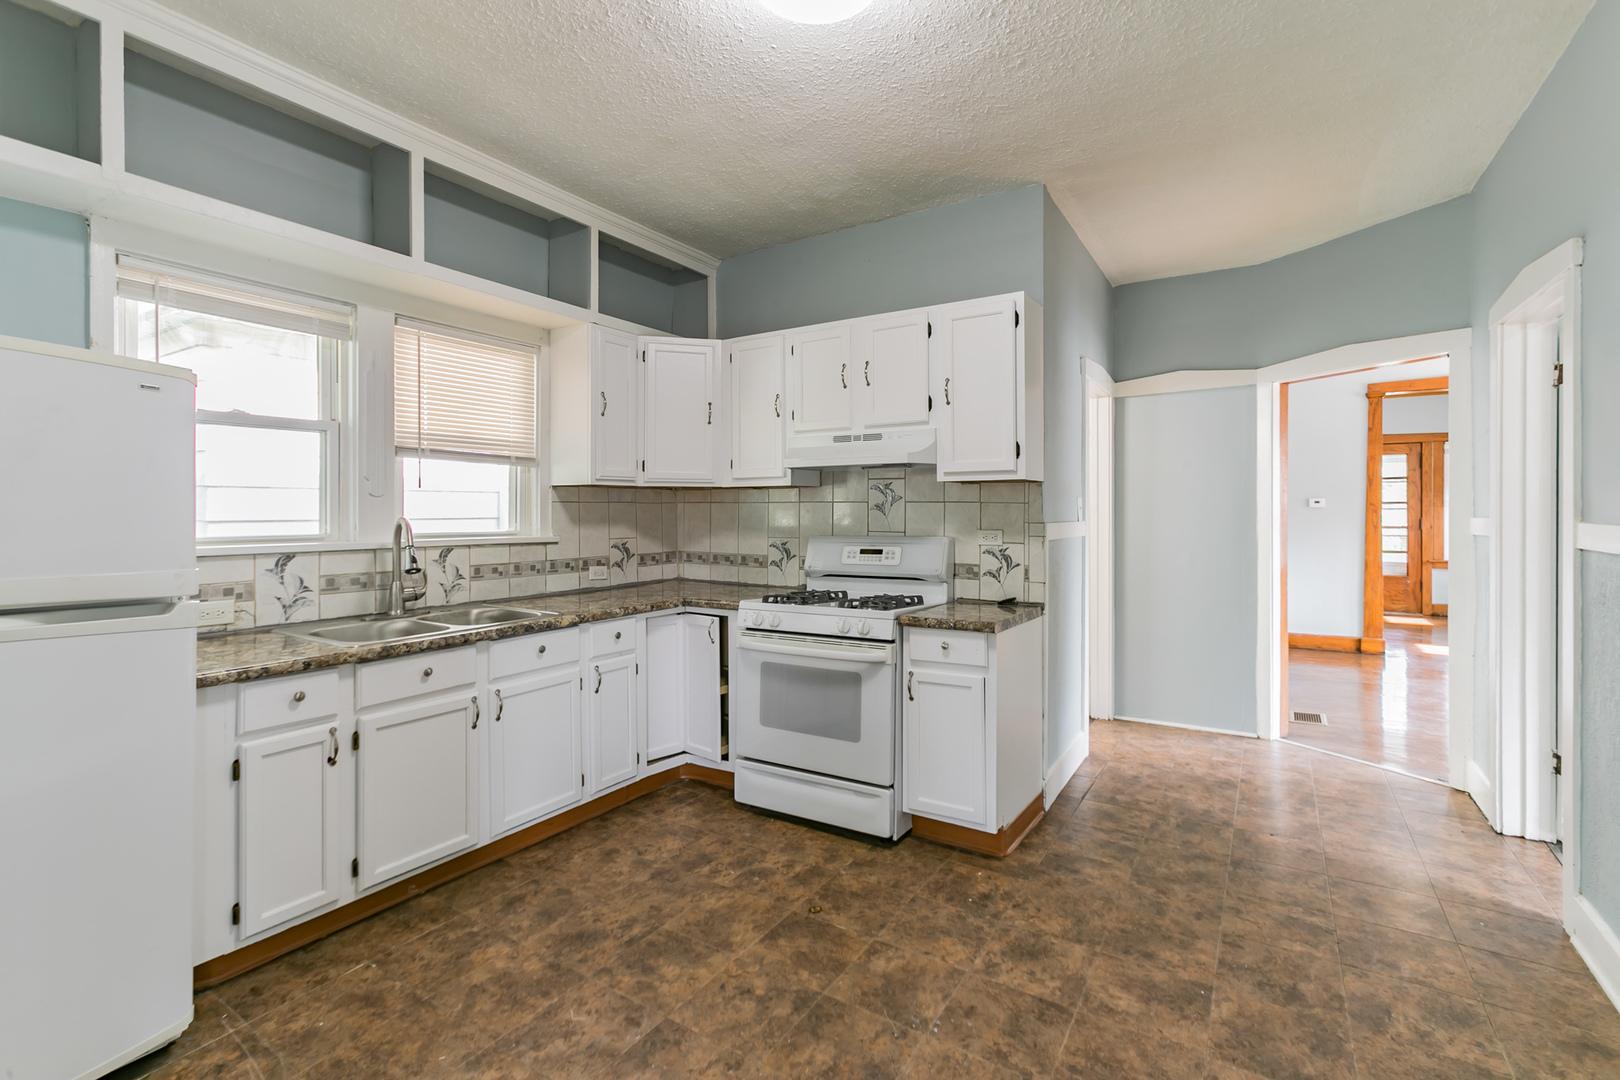 421 West Ridgeland, WAUKEGAN, Illinois, 60085